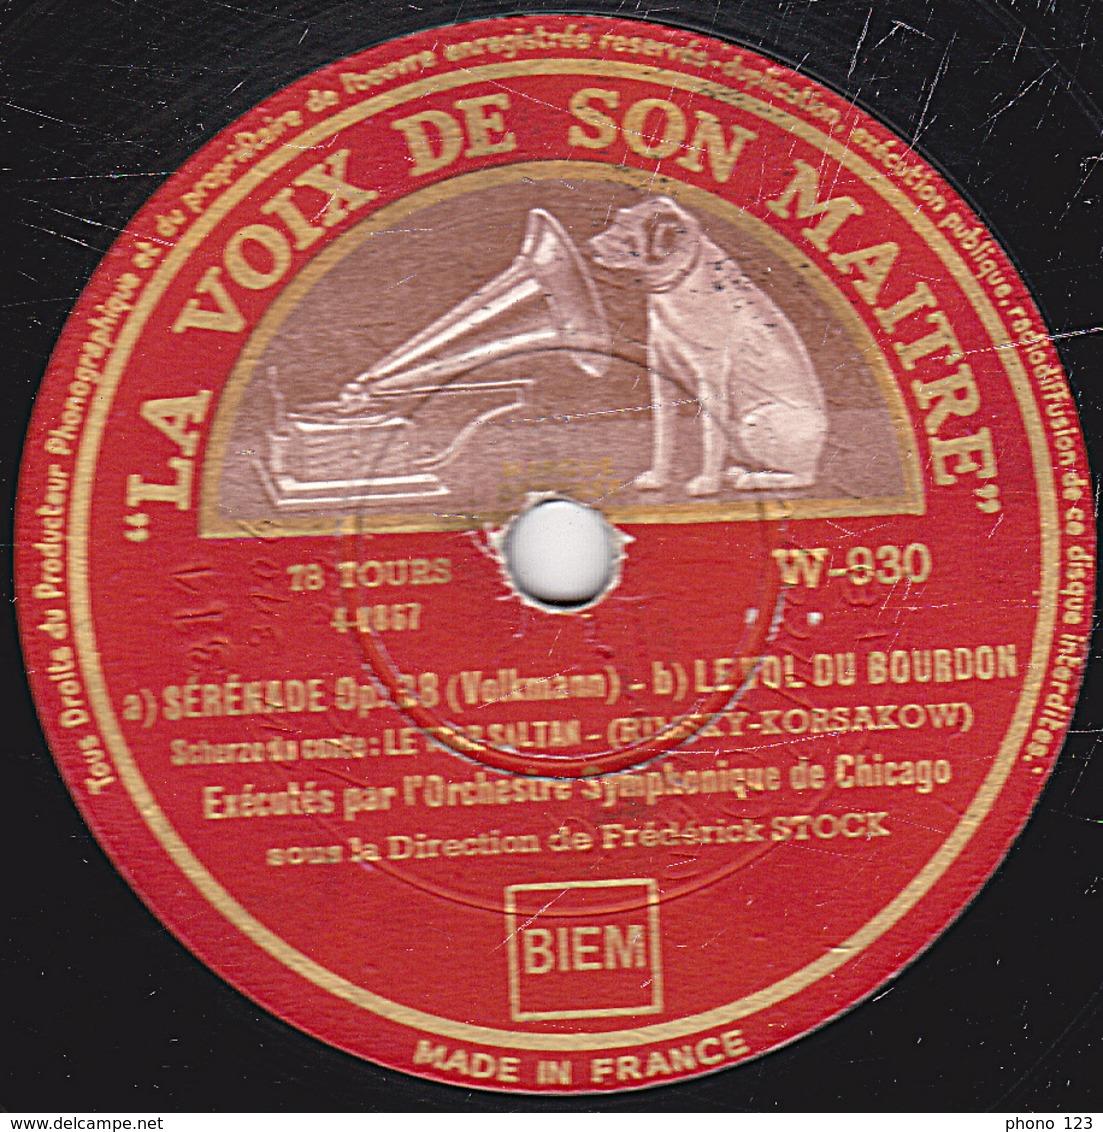 78 Trs - 30 Cm - Etat B - VALSE TRISTE - SERENADE - Orchestre Symphonique De Chicago - 78 Rpm - Schellackplatten